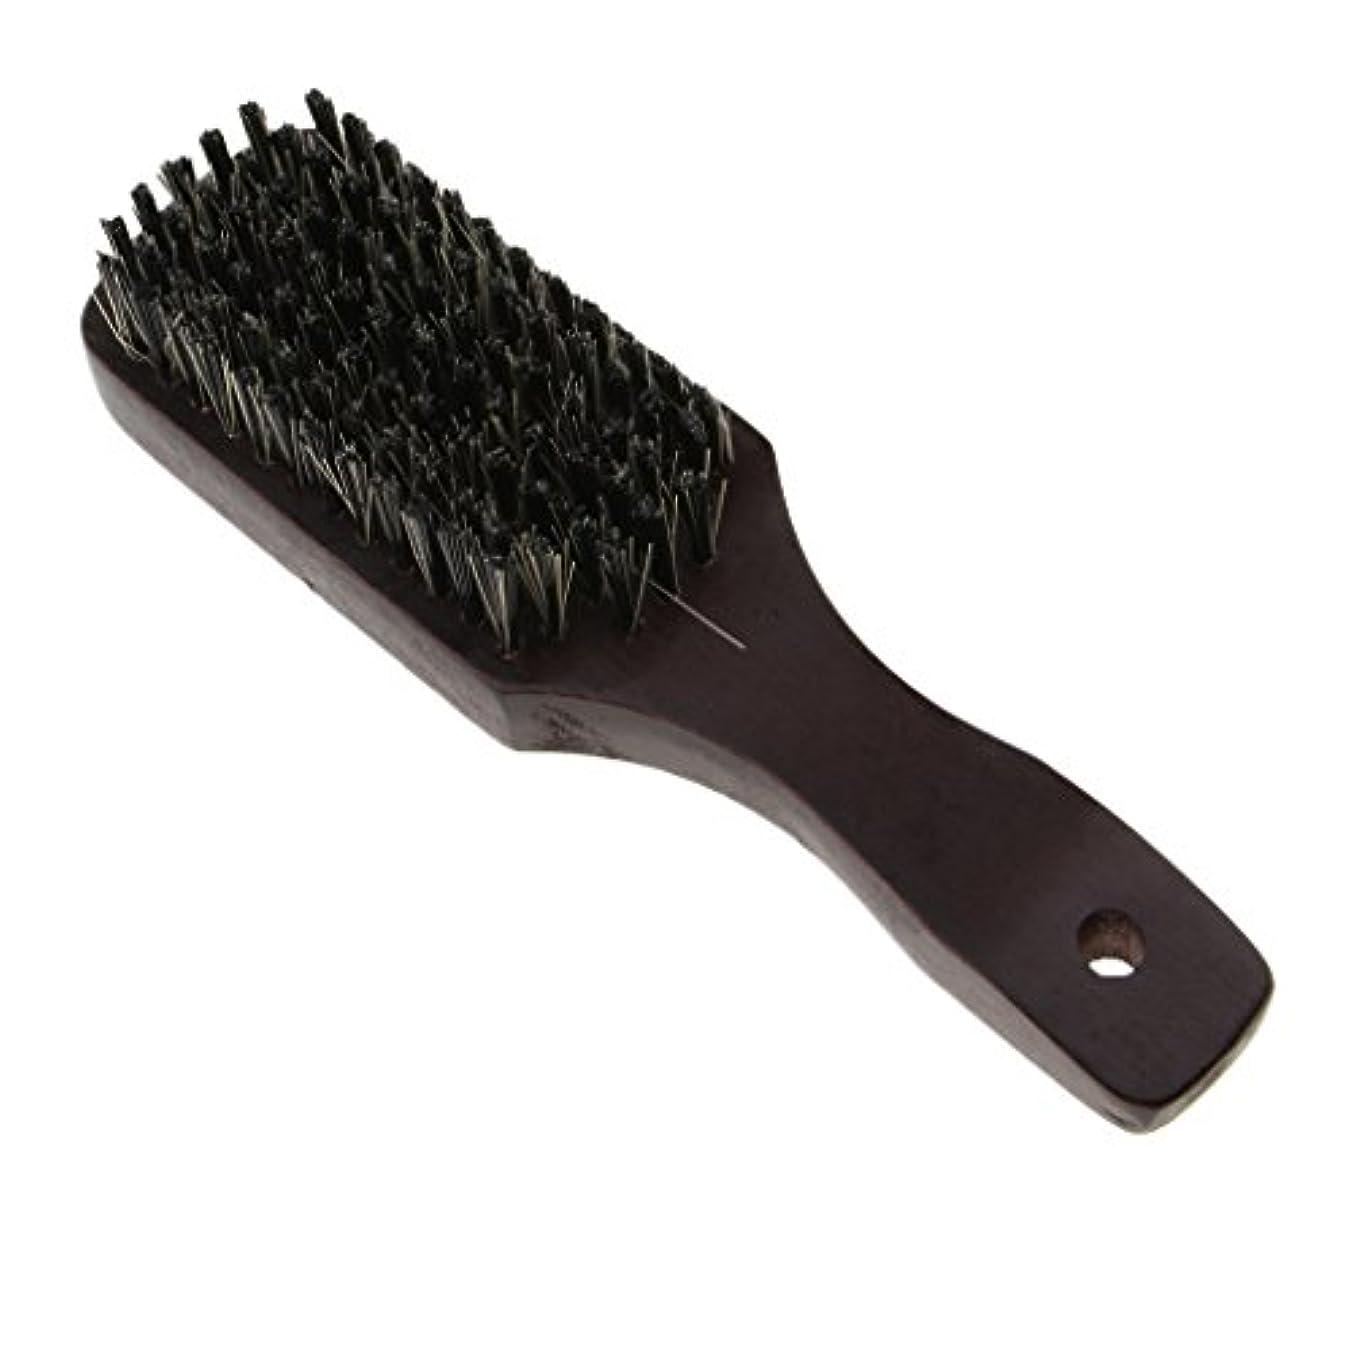 冷笑するケープ倍率DYNWAVE ヘアブラシ 髪の櫛 木製 サロン バリバー アフロ ヘアピック ブラシ 櫛